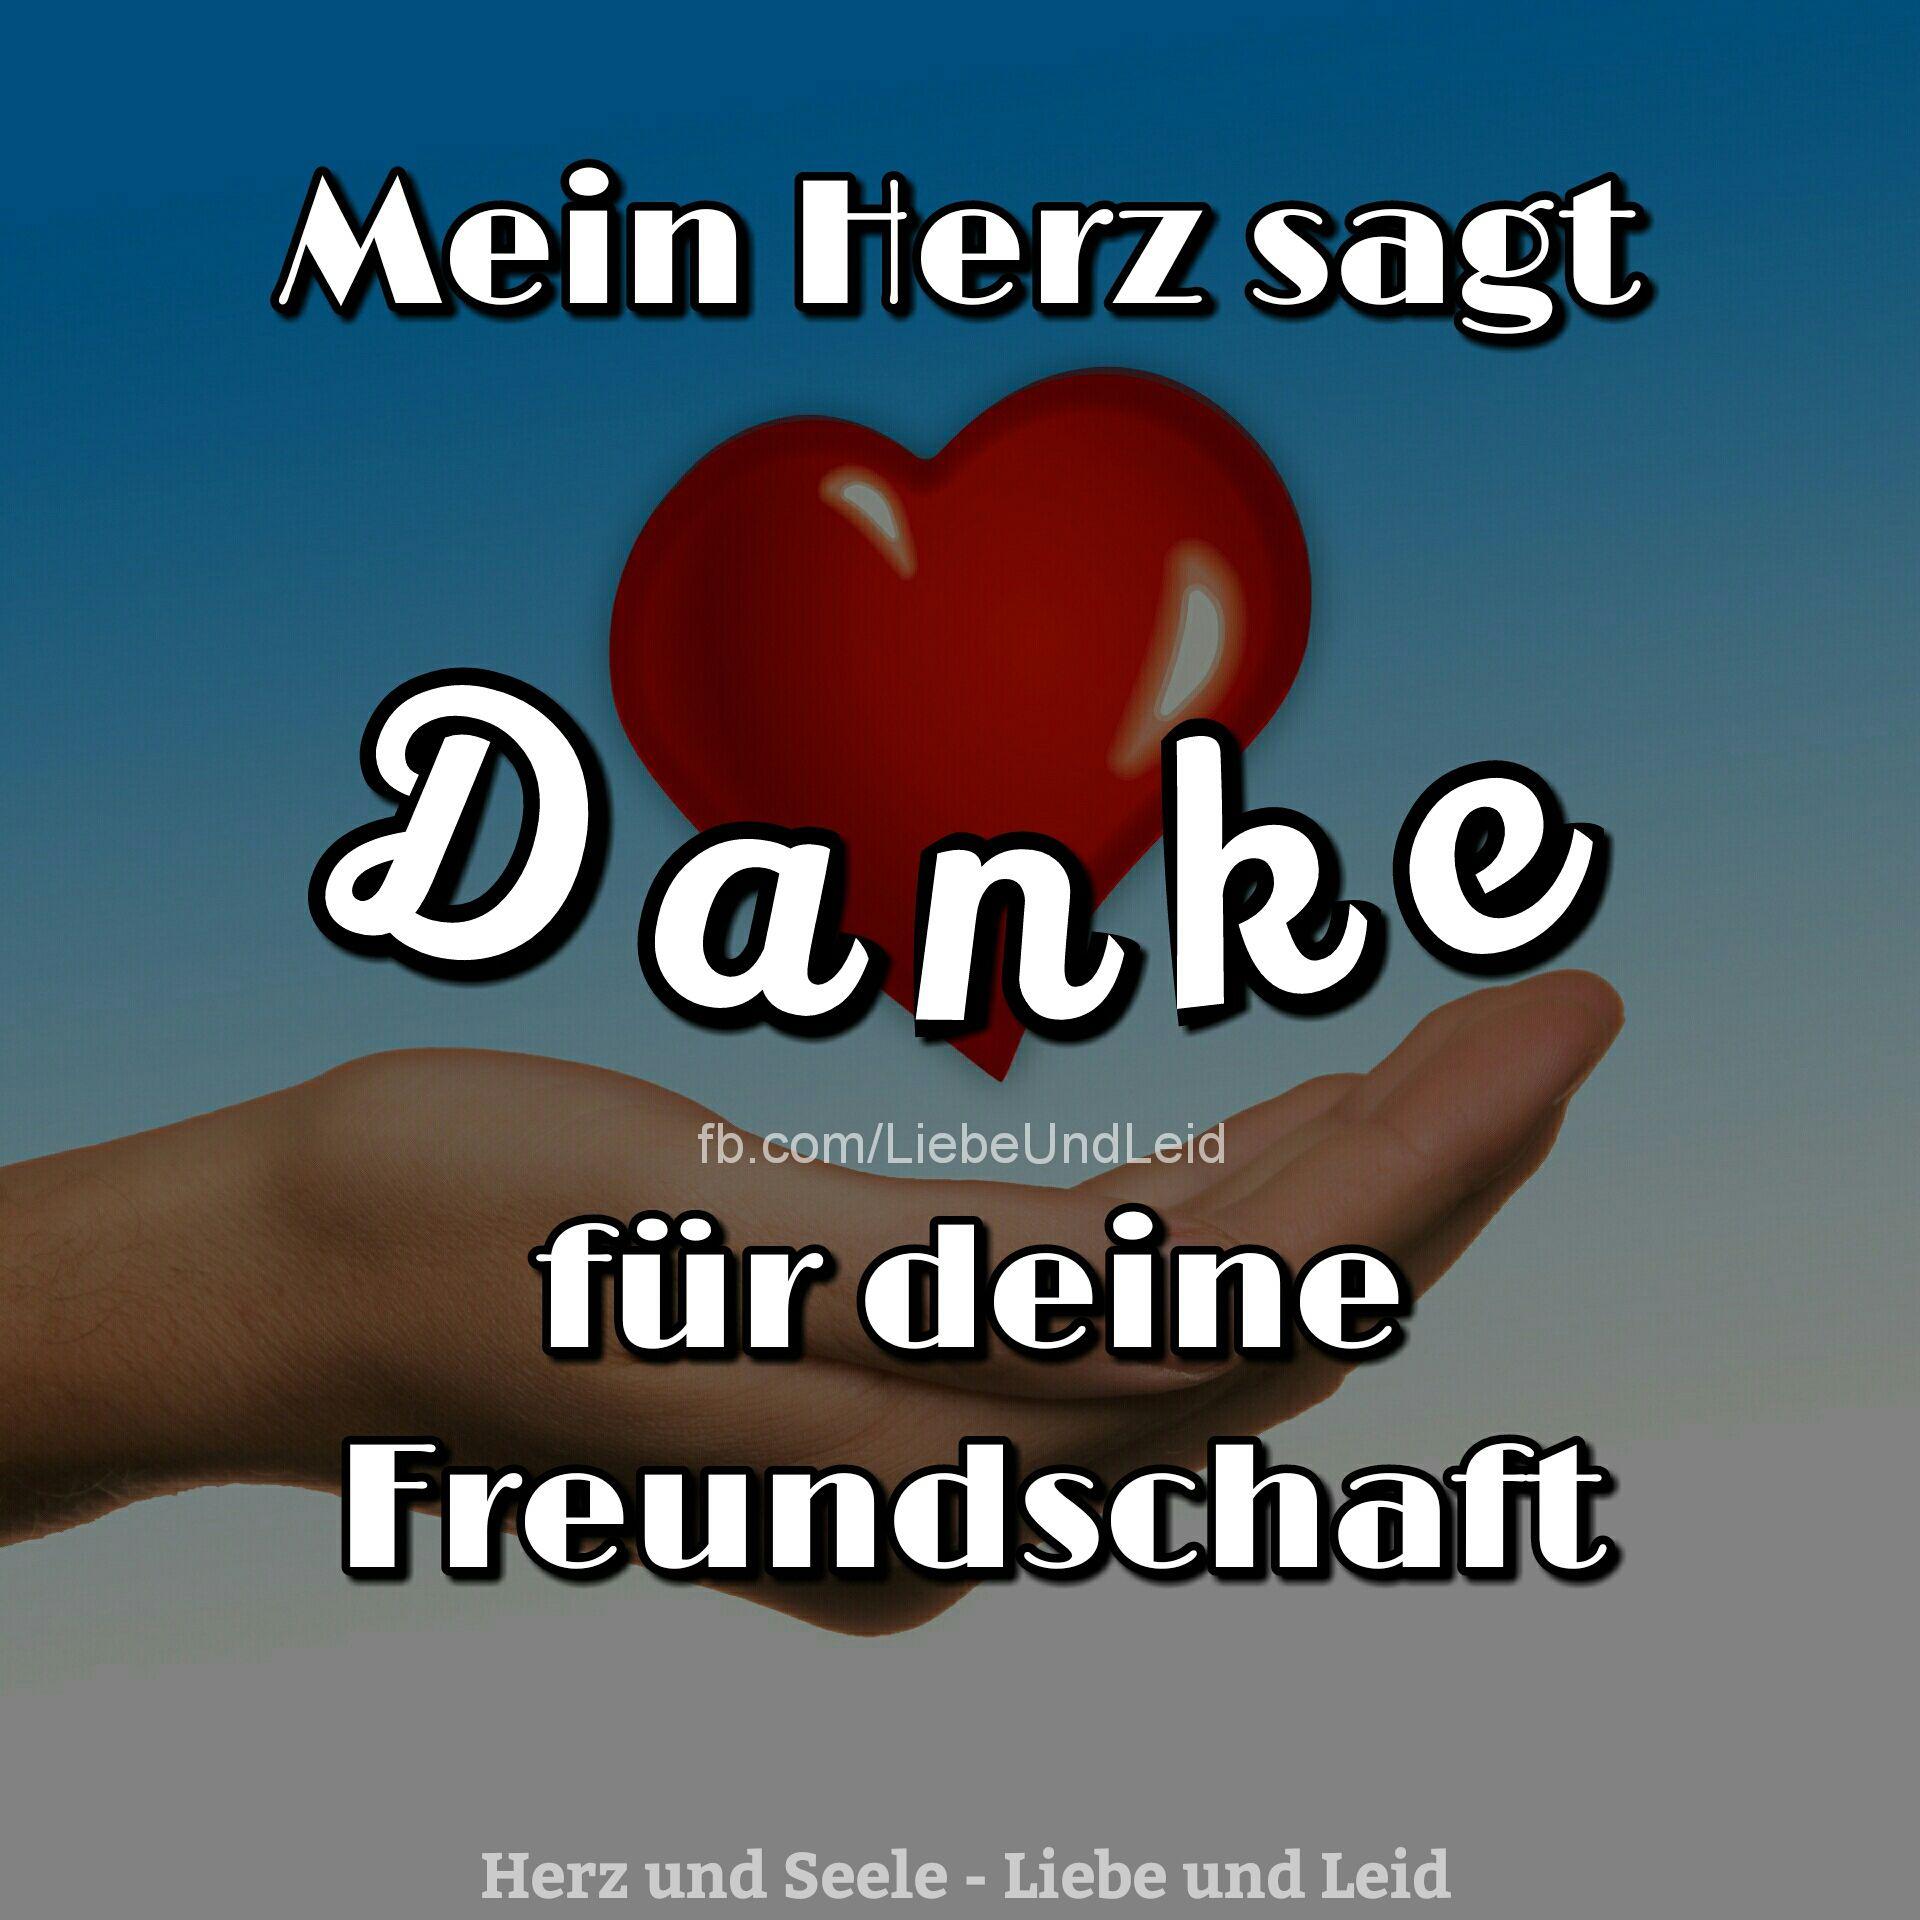 Herz Und Seele Eu Mein Herz Sagt Danke Spruche Zum Danke Sagen Freundschaft Zitate Danke Freundschaft